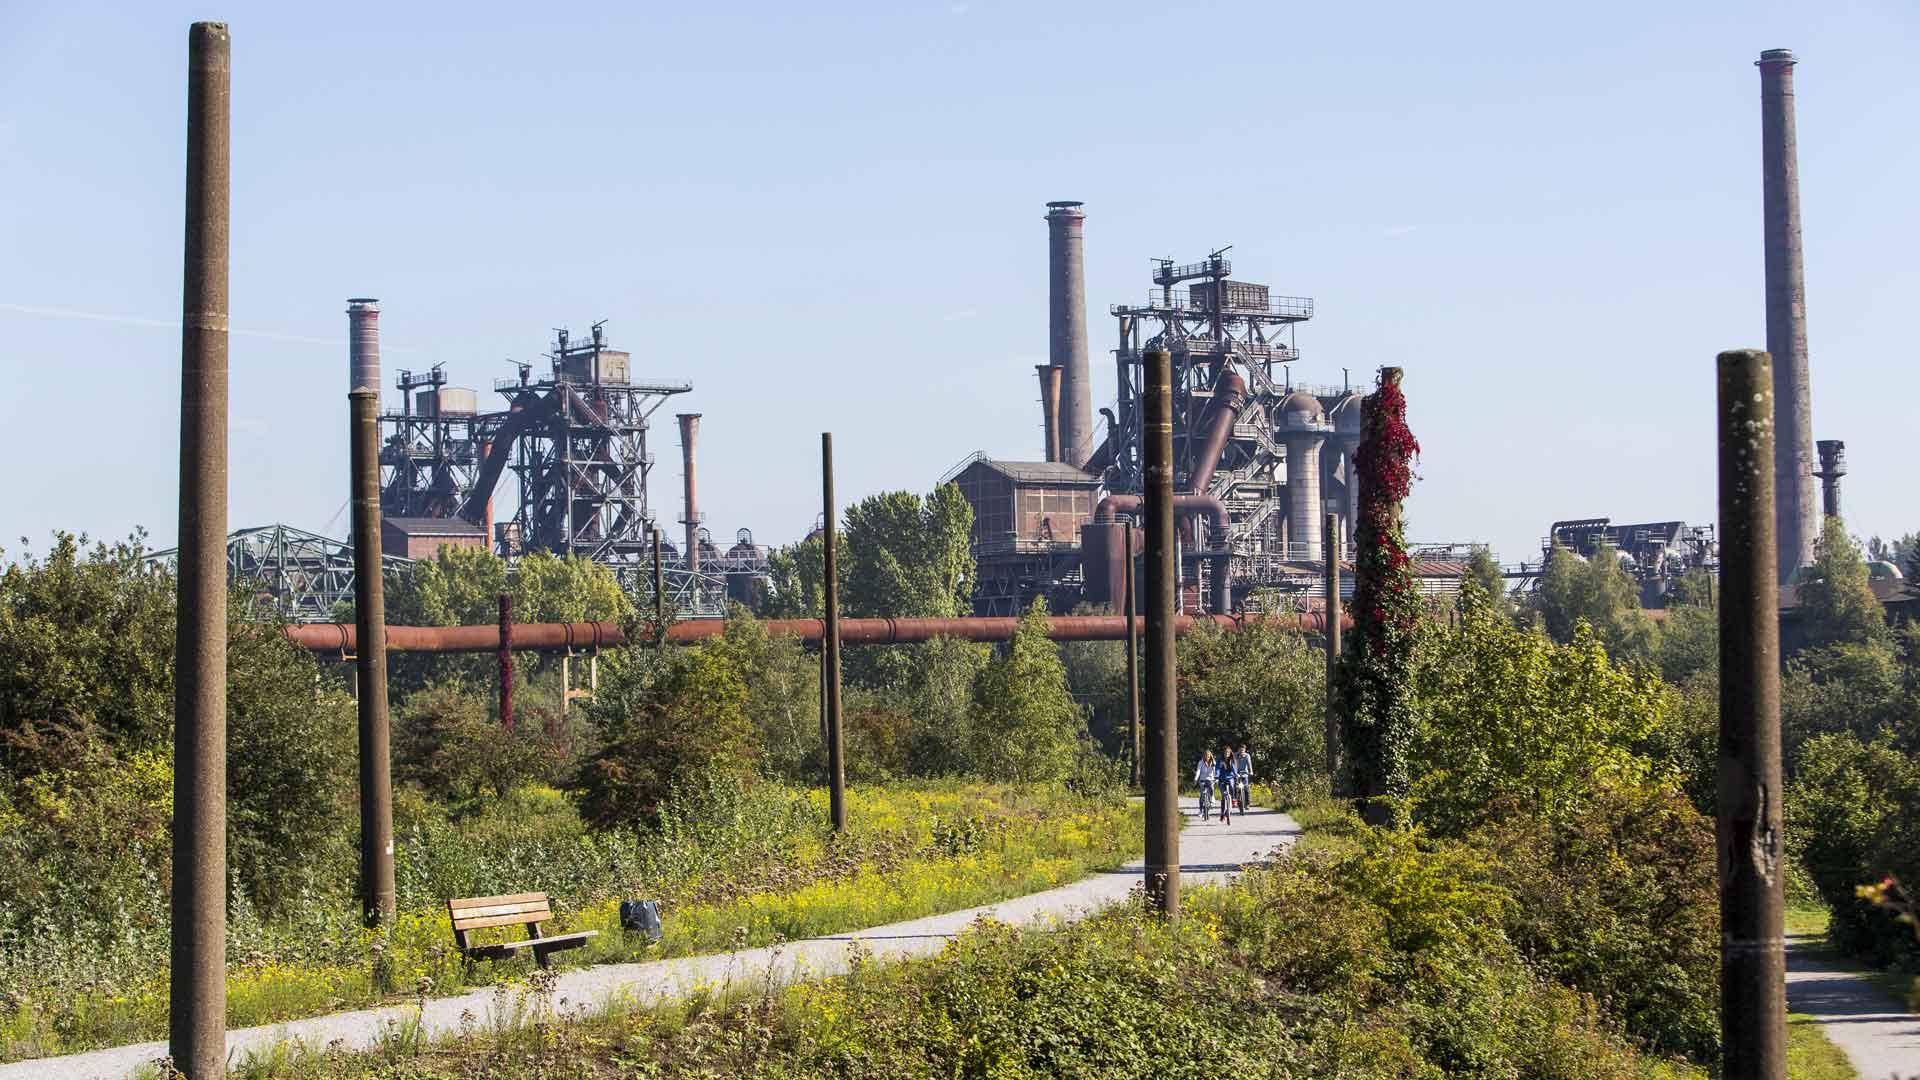 Fietsen tussen het industriële erfgoed in het Landschaftspark Nord in Duisburg. n_Tack